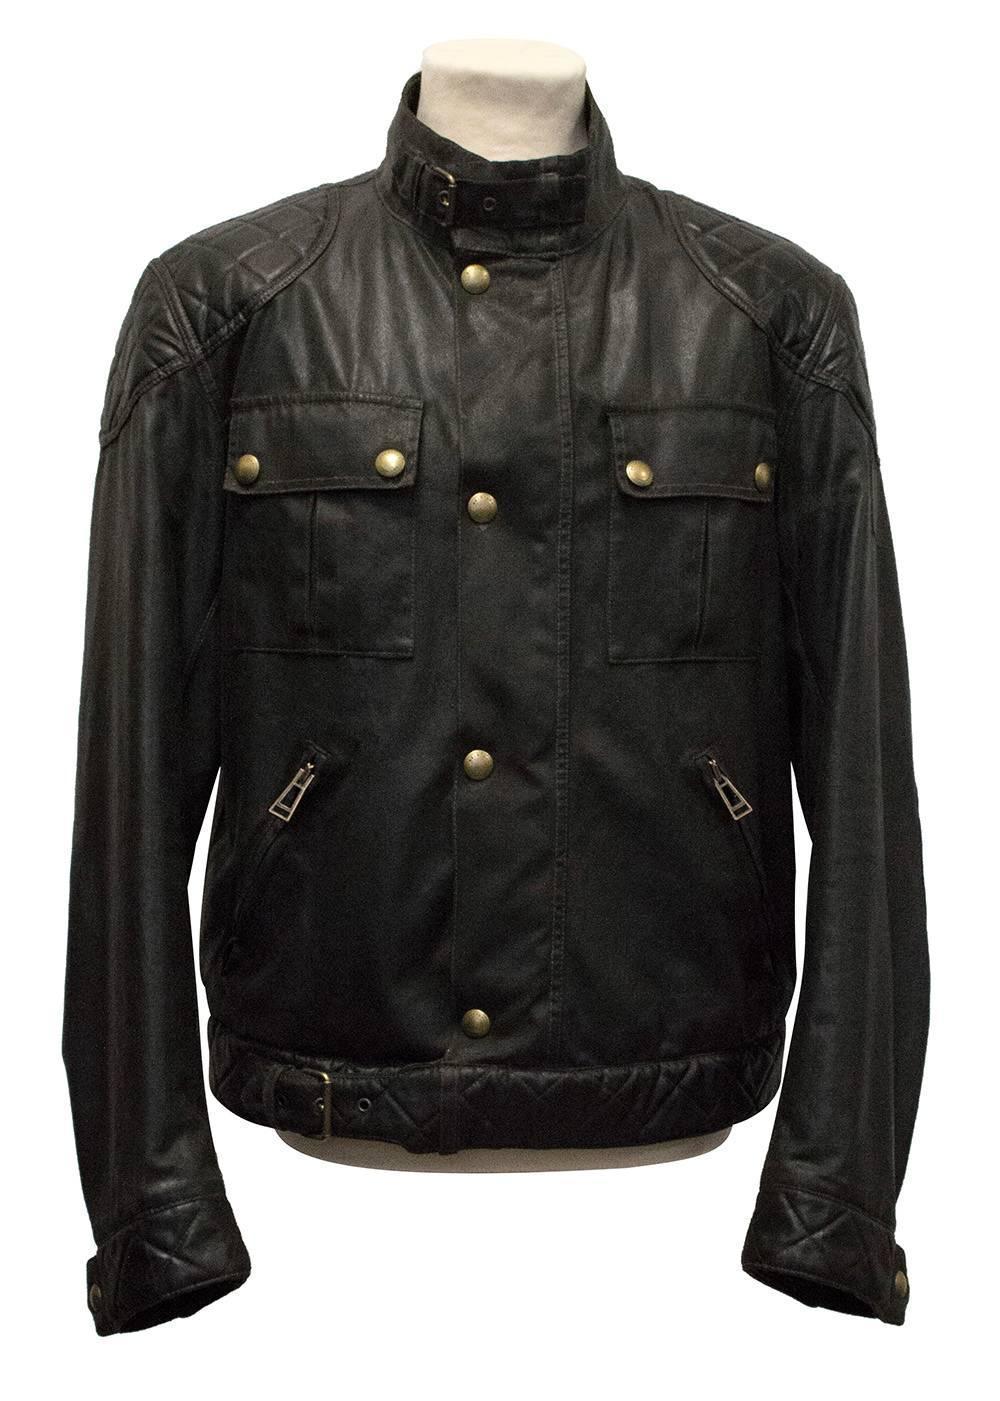 belstaff dark brown leather jacket for sale at 1stdibs. Black Bedroom Furniture Sets. Home Design Ideas